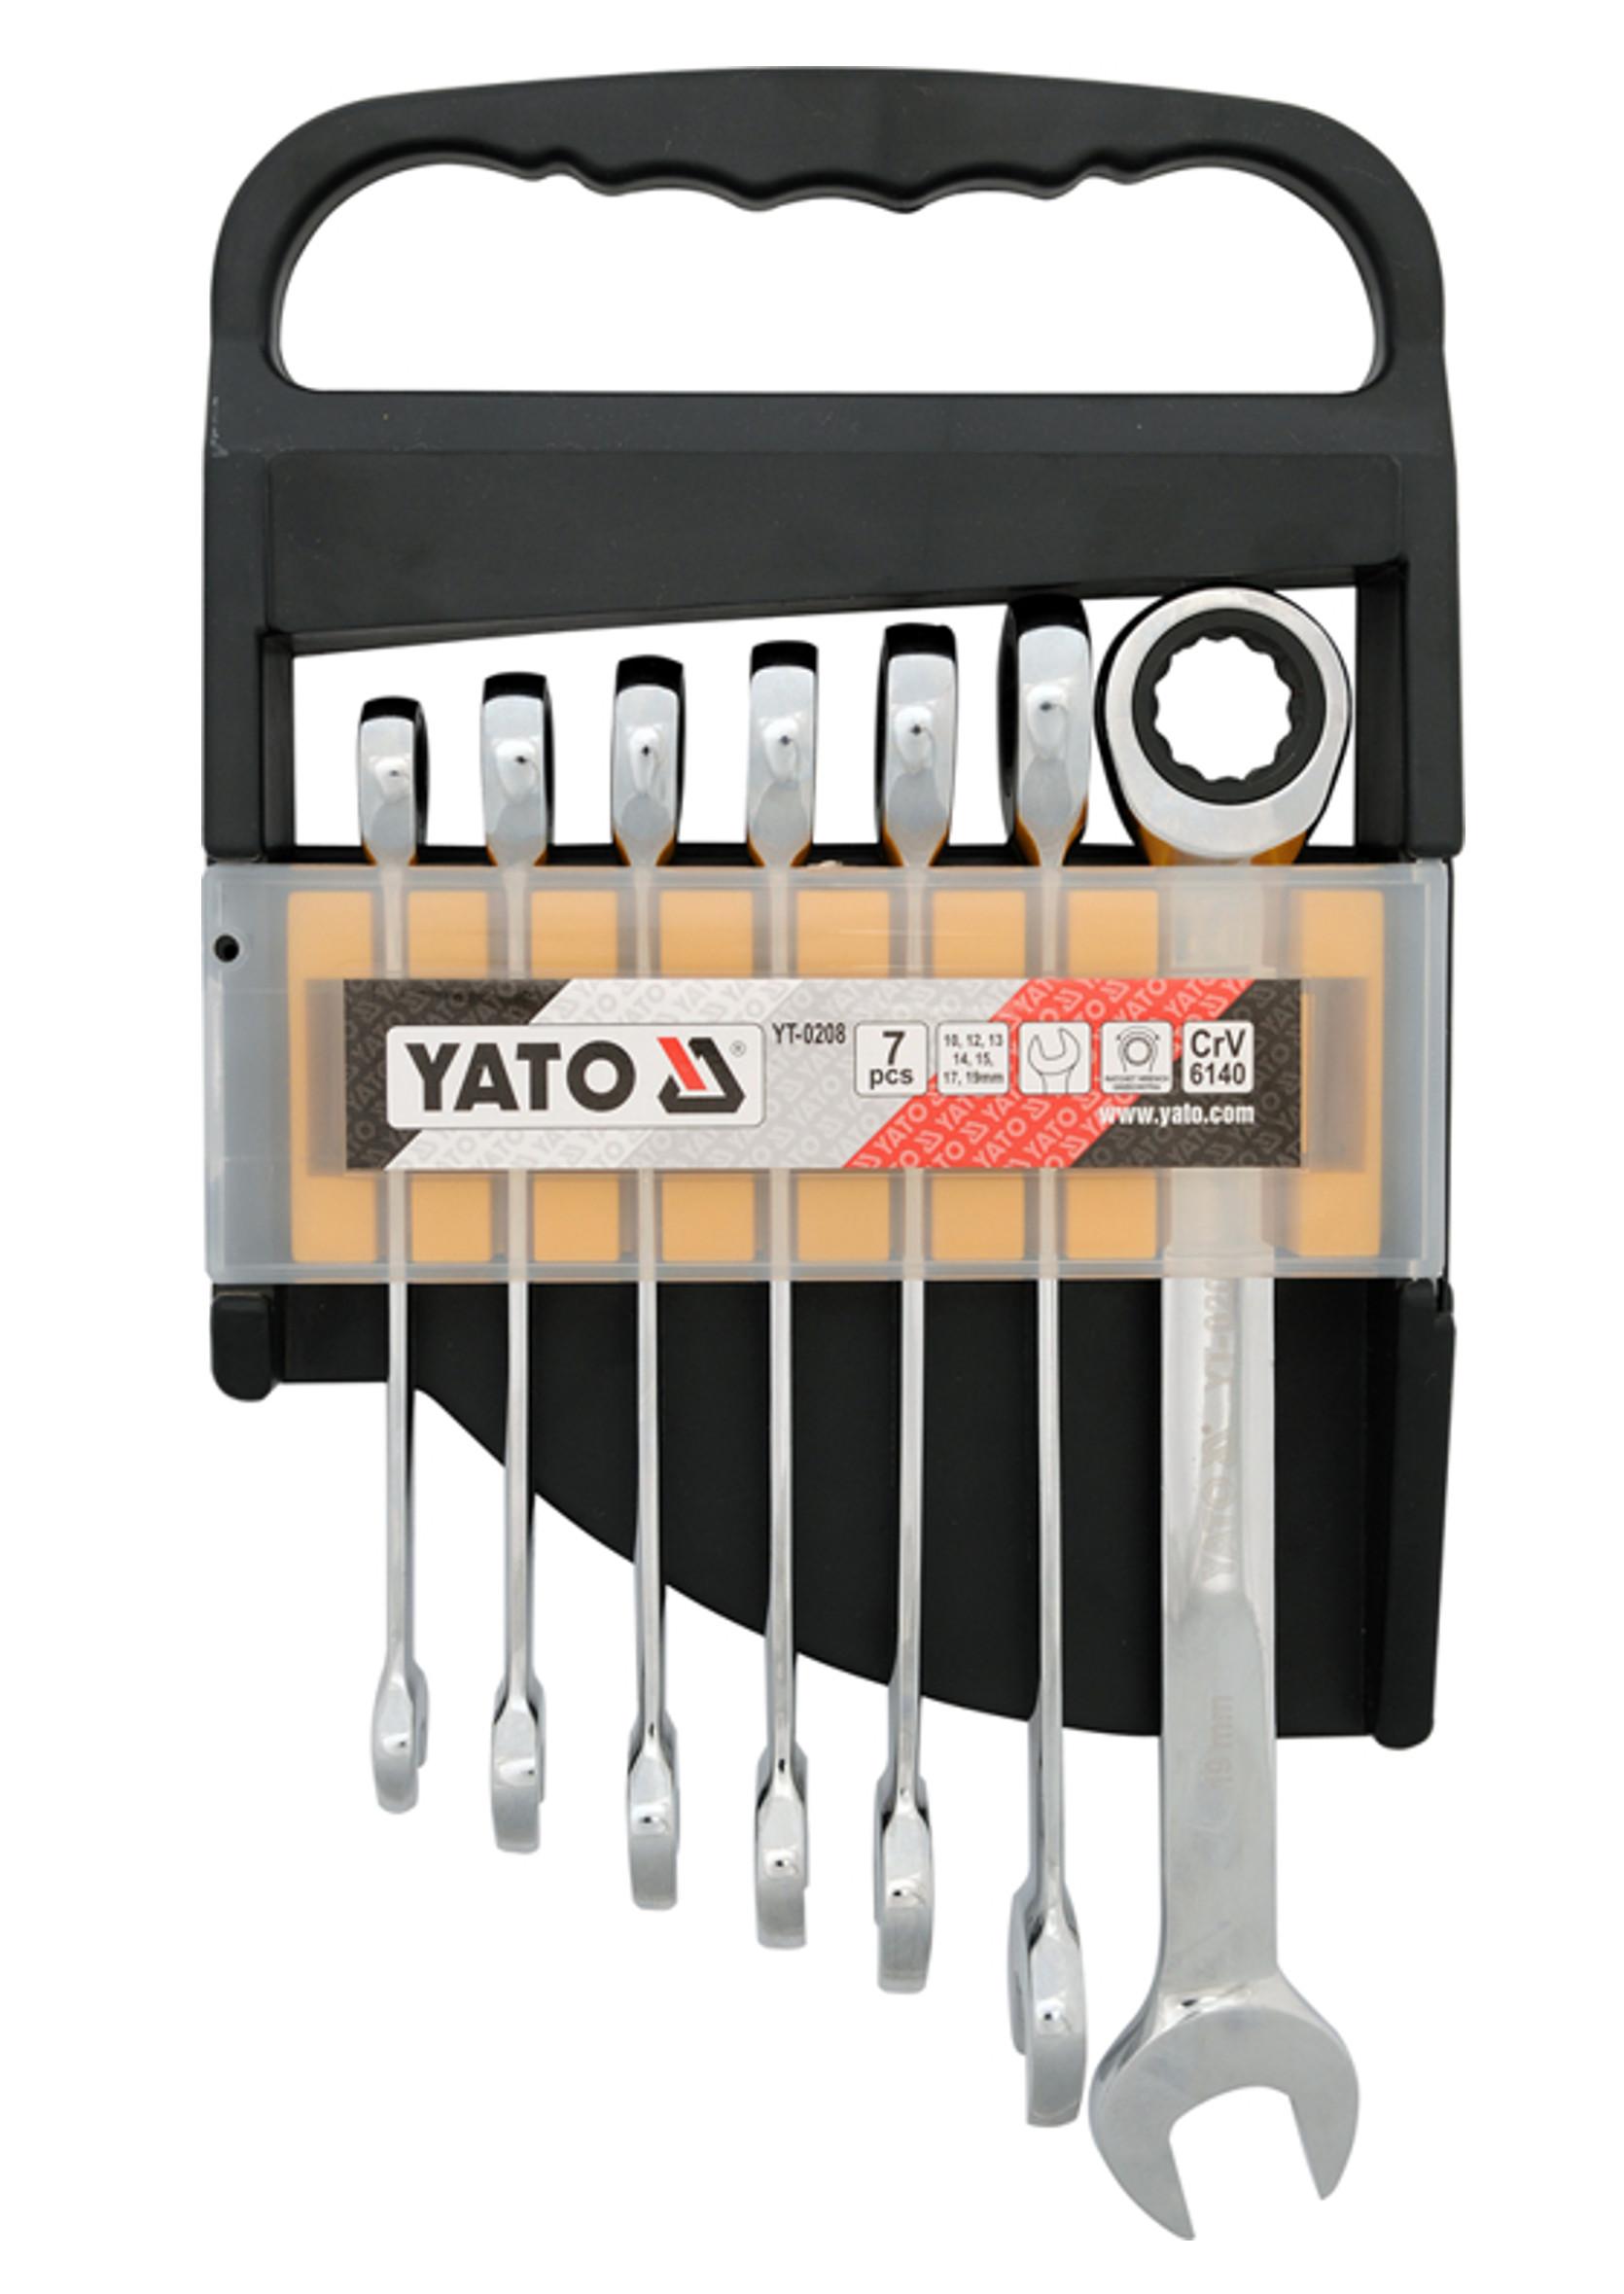 Yato YT-0208 Klucze Płasko-Oczkowe z Grzechotką 10-19mm 7szt